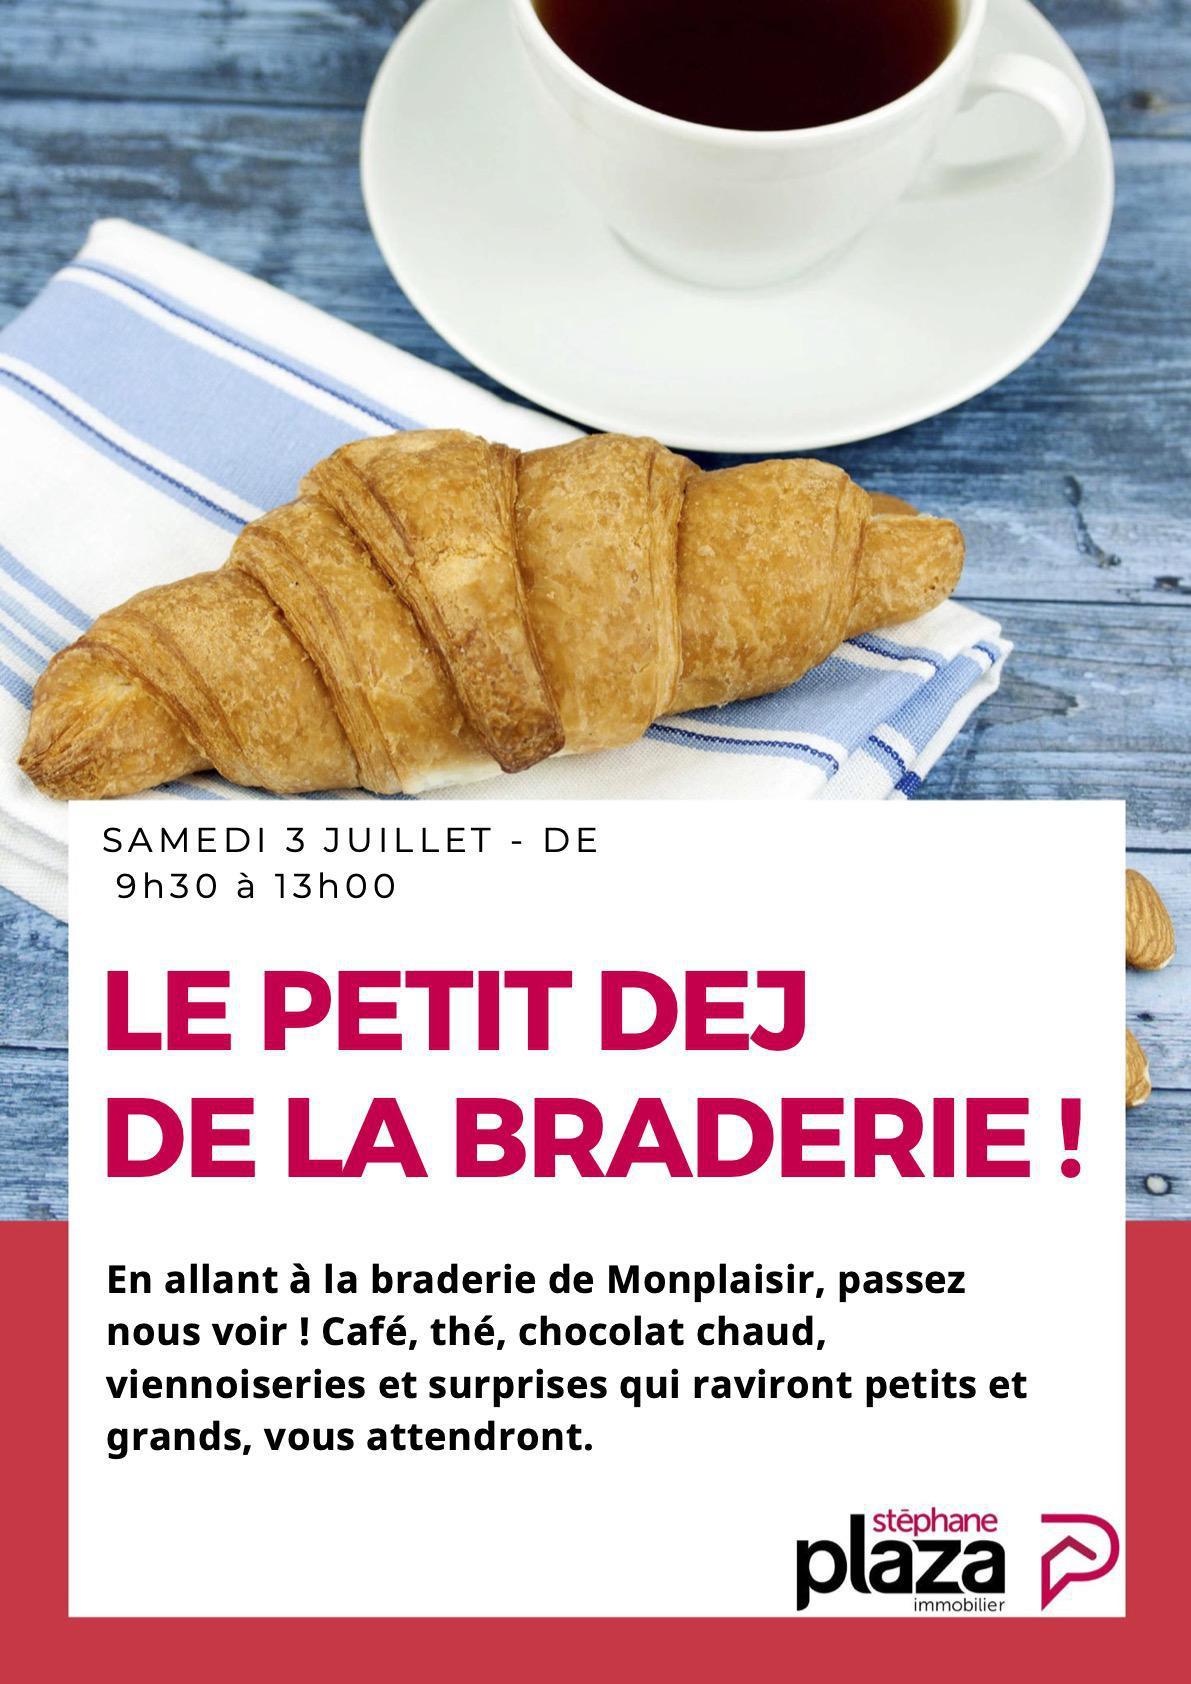 03/07 : l'agence Stéphane Plaza Immobilier vous accueille pour le petit dej de la braderie